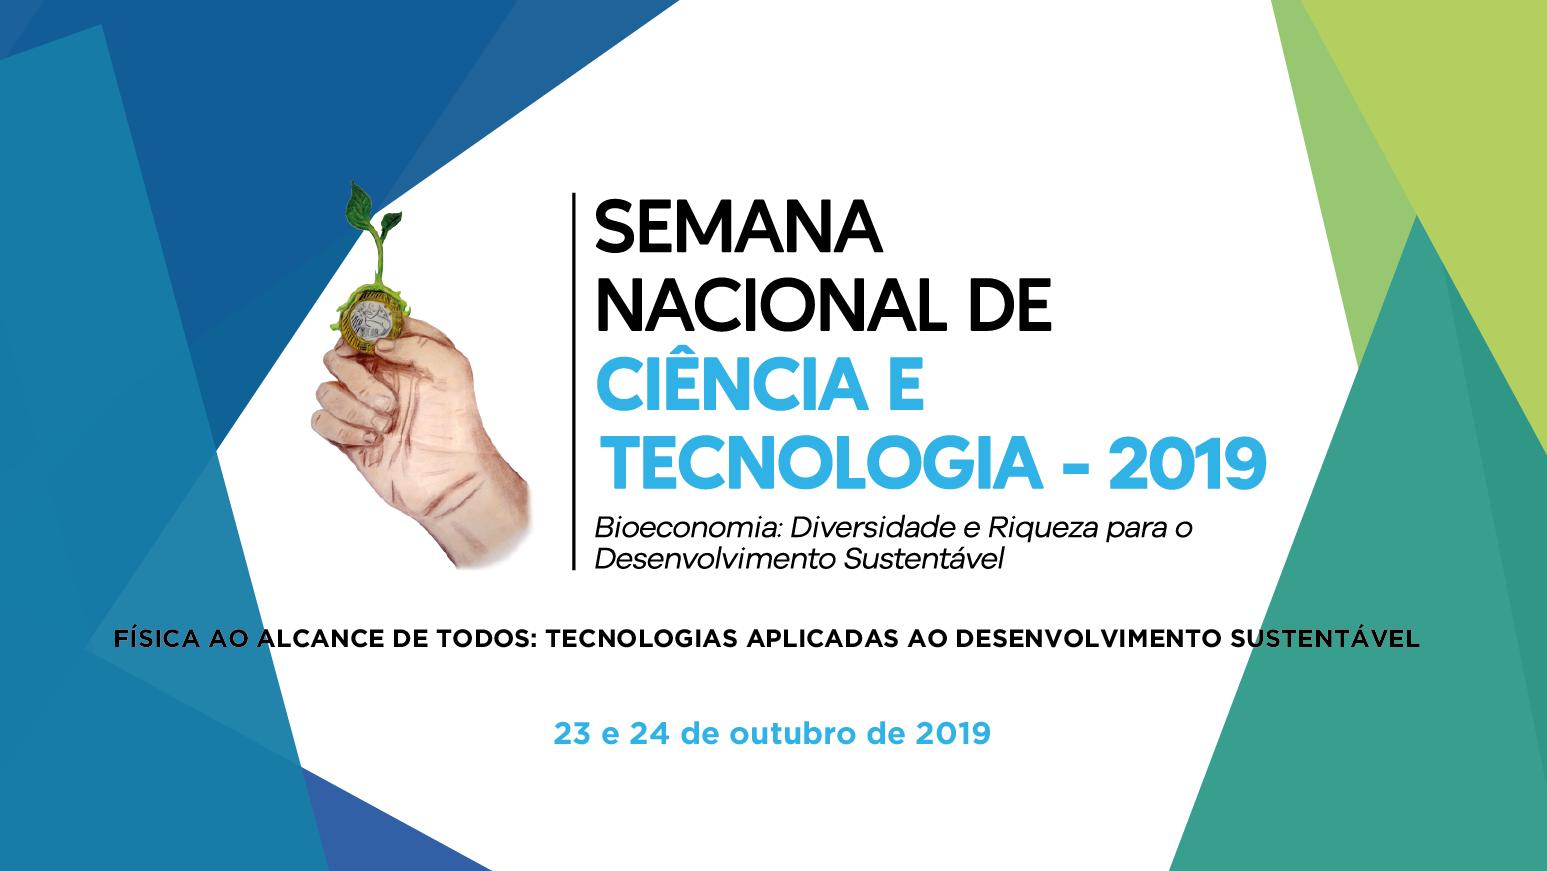 Semana Nacional de Ciência e Tecnologia acontece no Campus Serra nos dias 23 e 24 de outubro